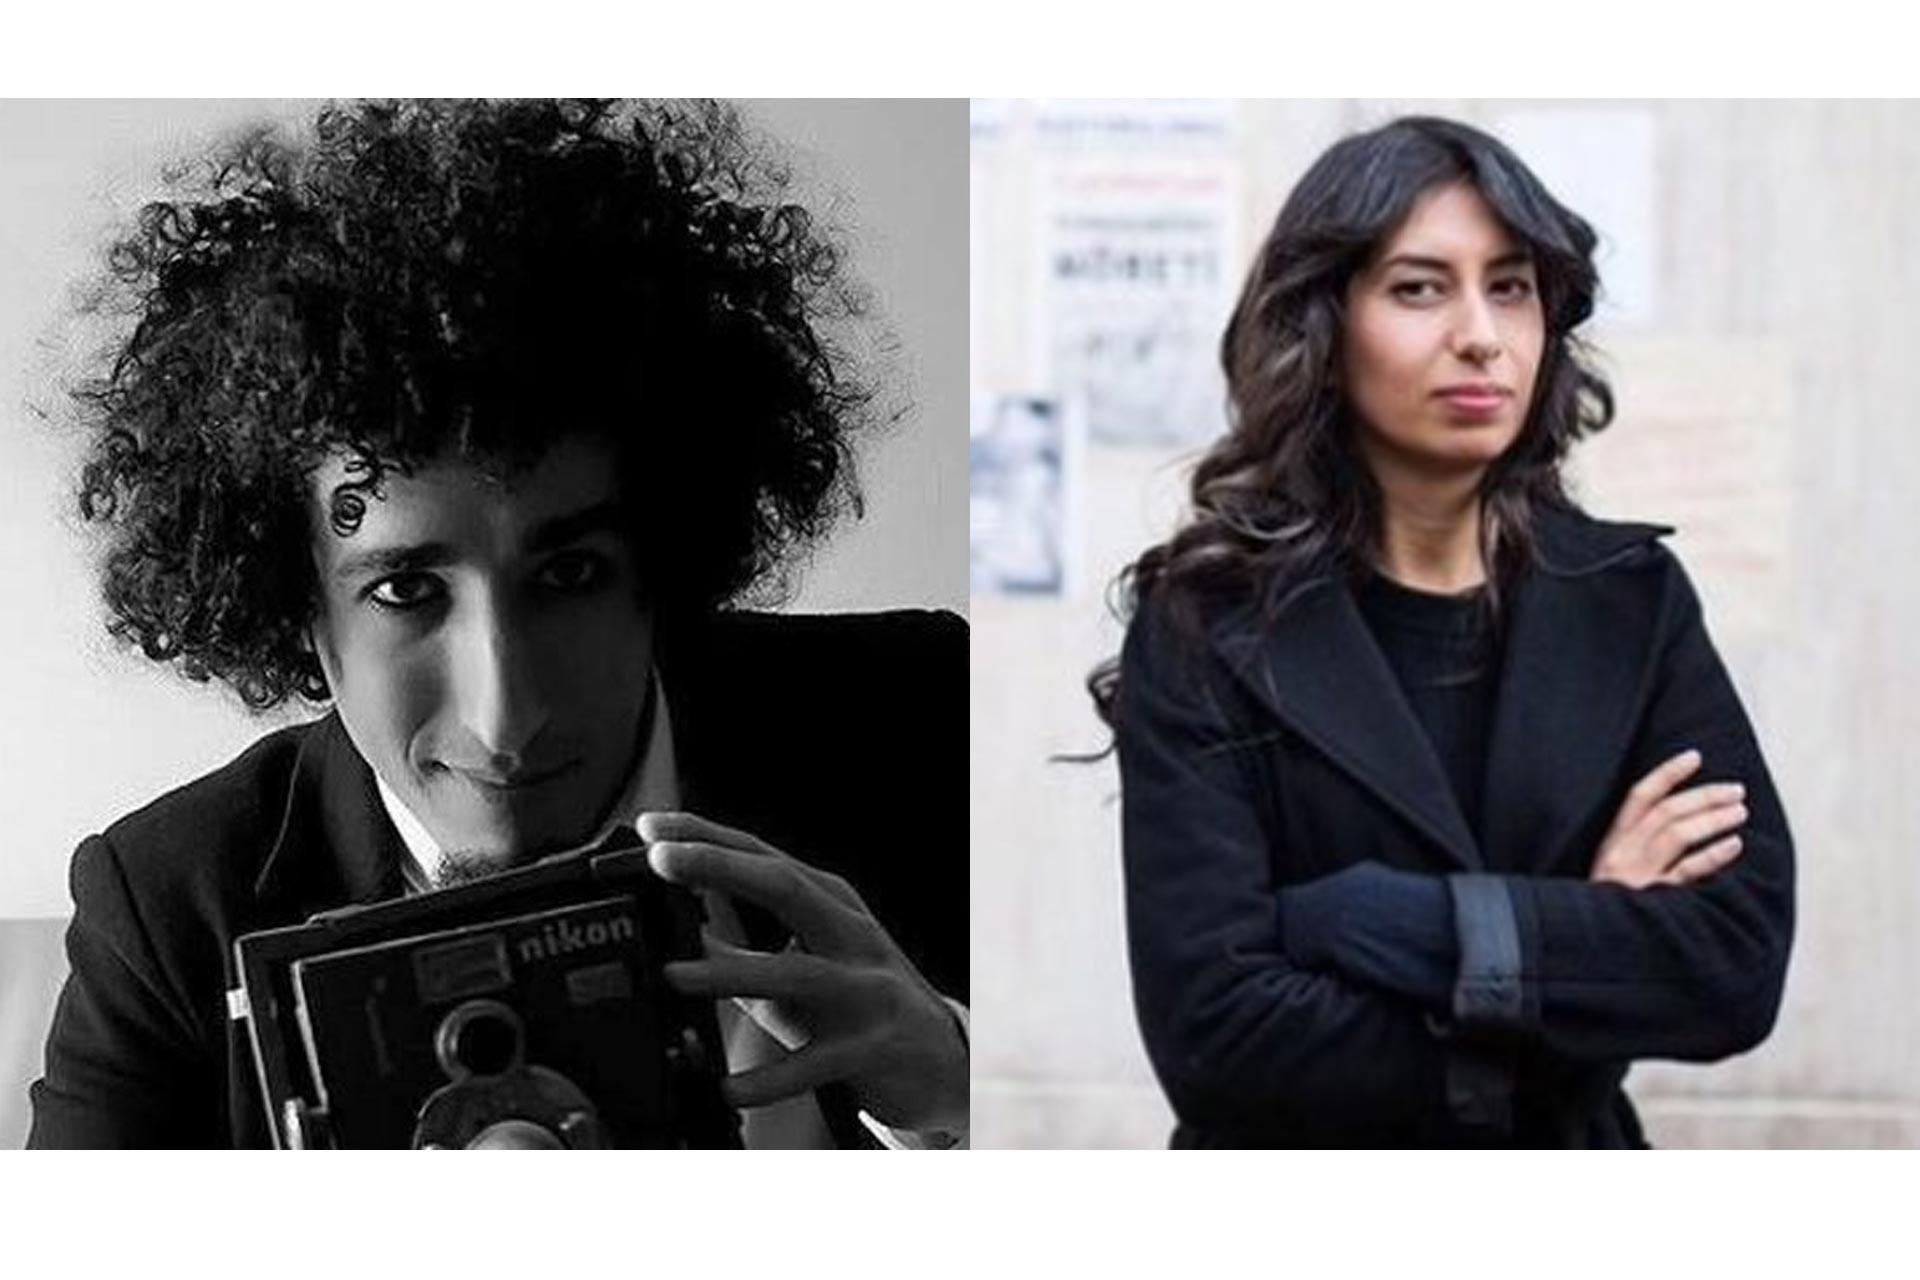 Solda Belgeselci Kazım Kızıl'ın sağda Gazeteci Canan Coşkun'un fotoğrafı yer alıyor